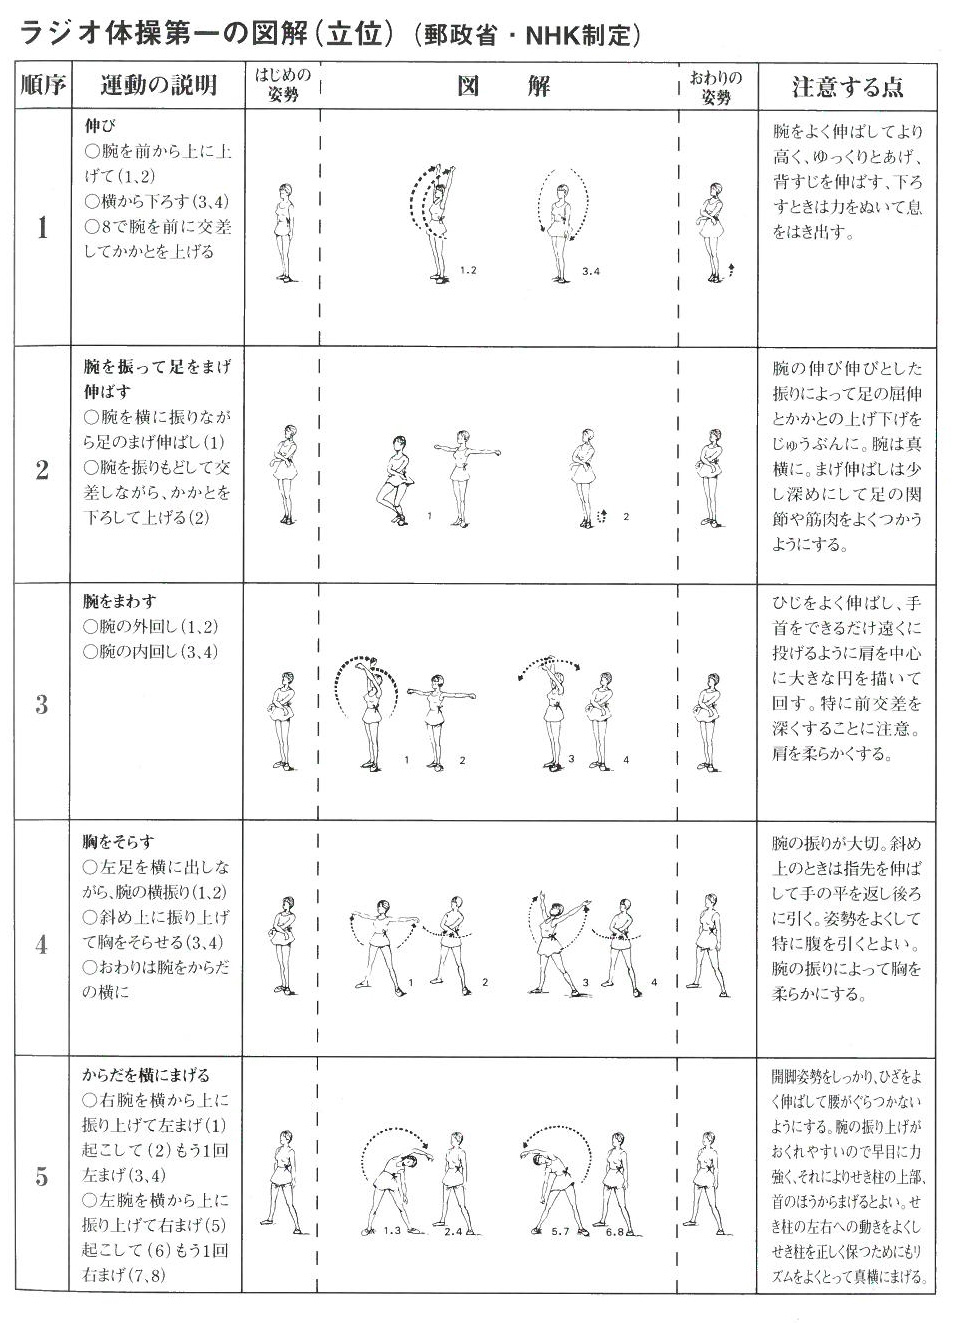 運動は健康寿命を延ばす ラジオ体操の薦めVol5  <ラジオ体操第一>